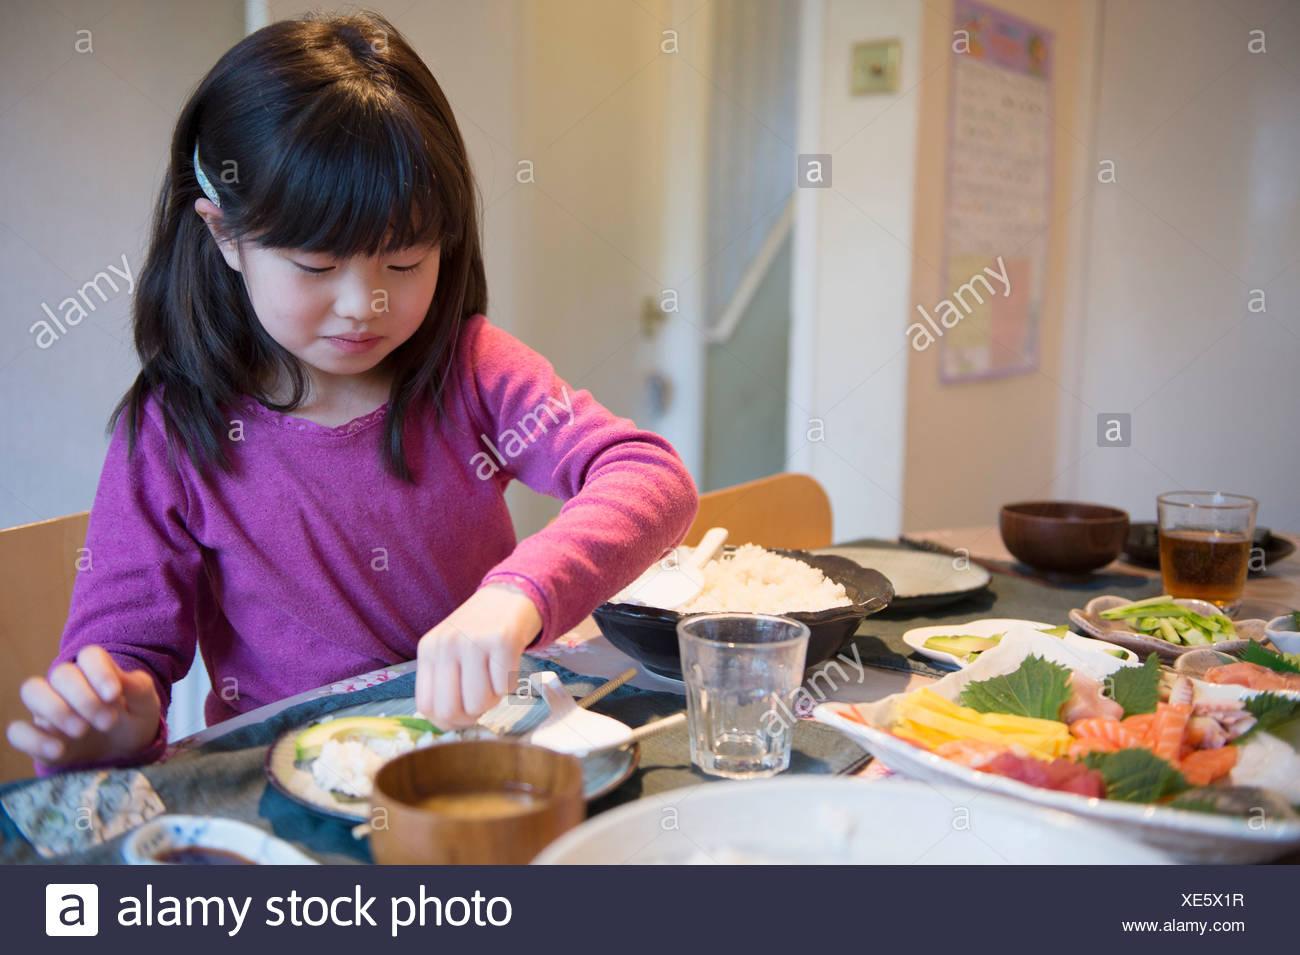 Girl selecting repas à partir de plats sur table à manger Photo Stock